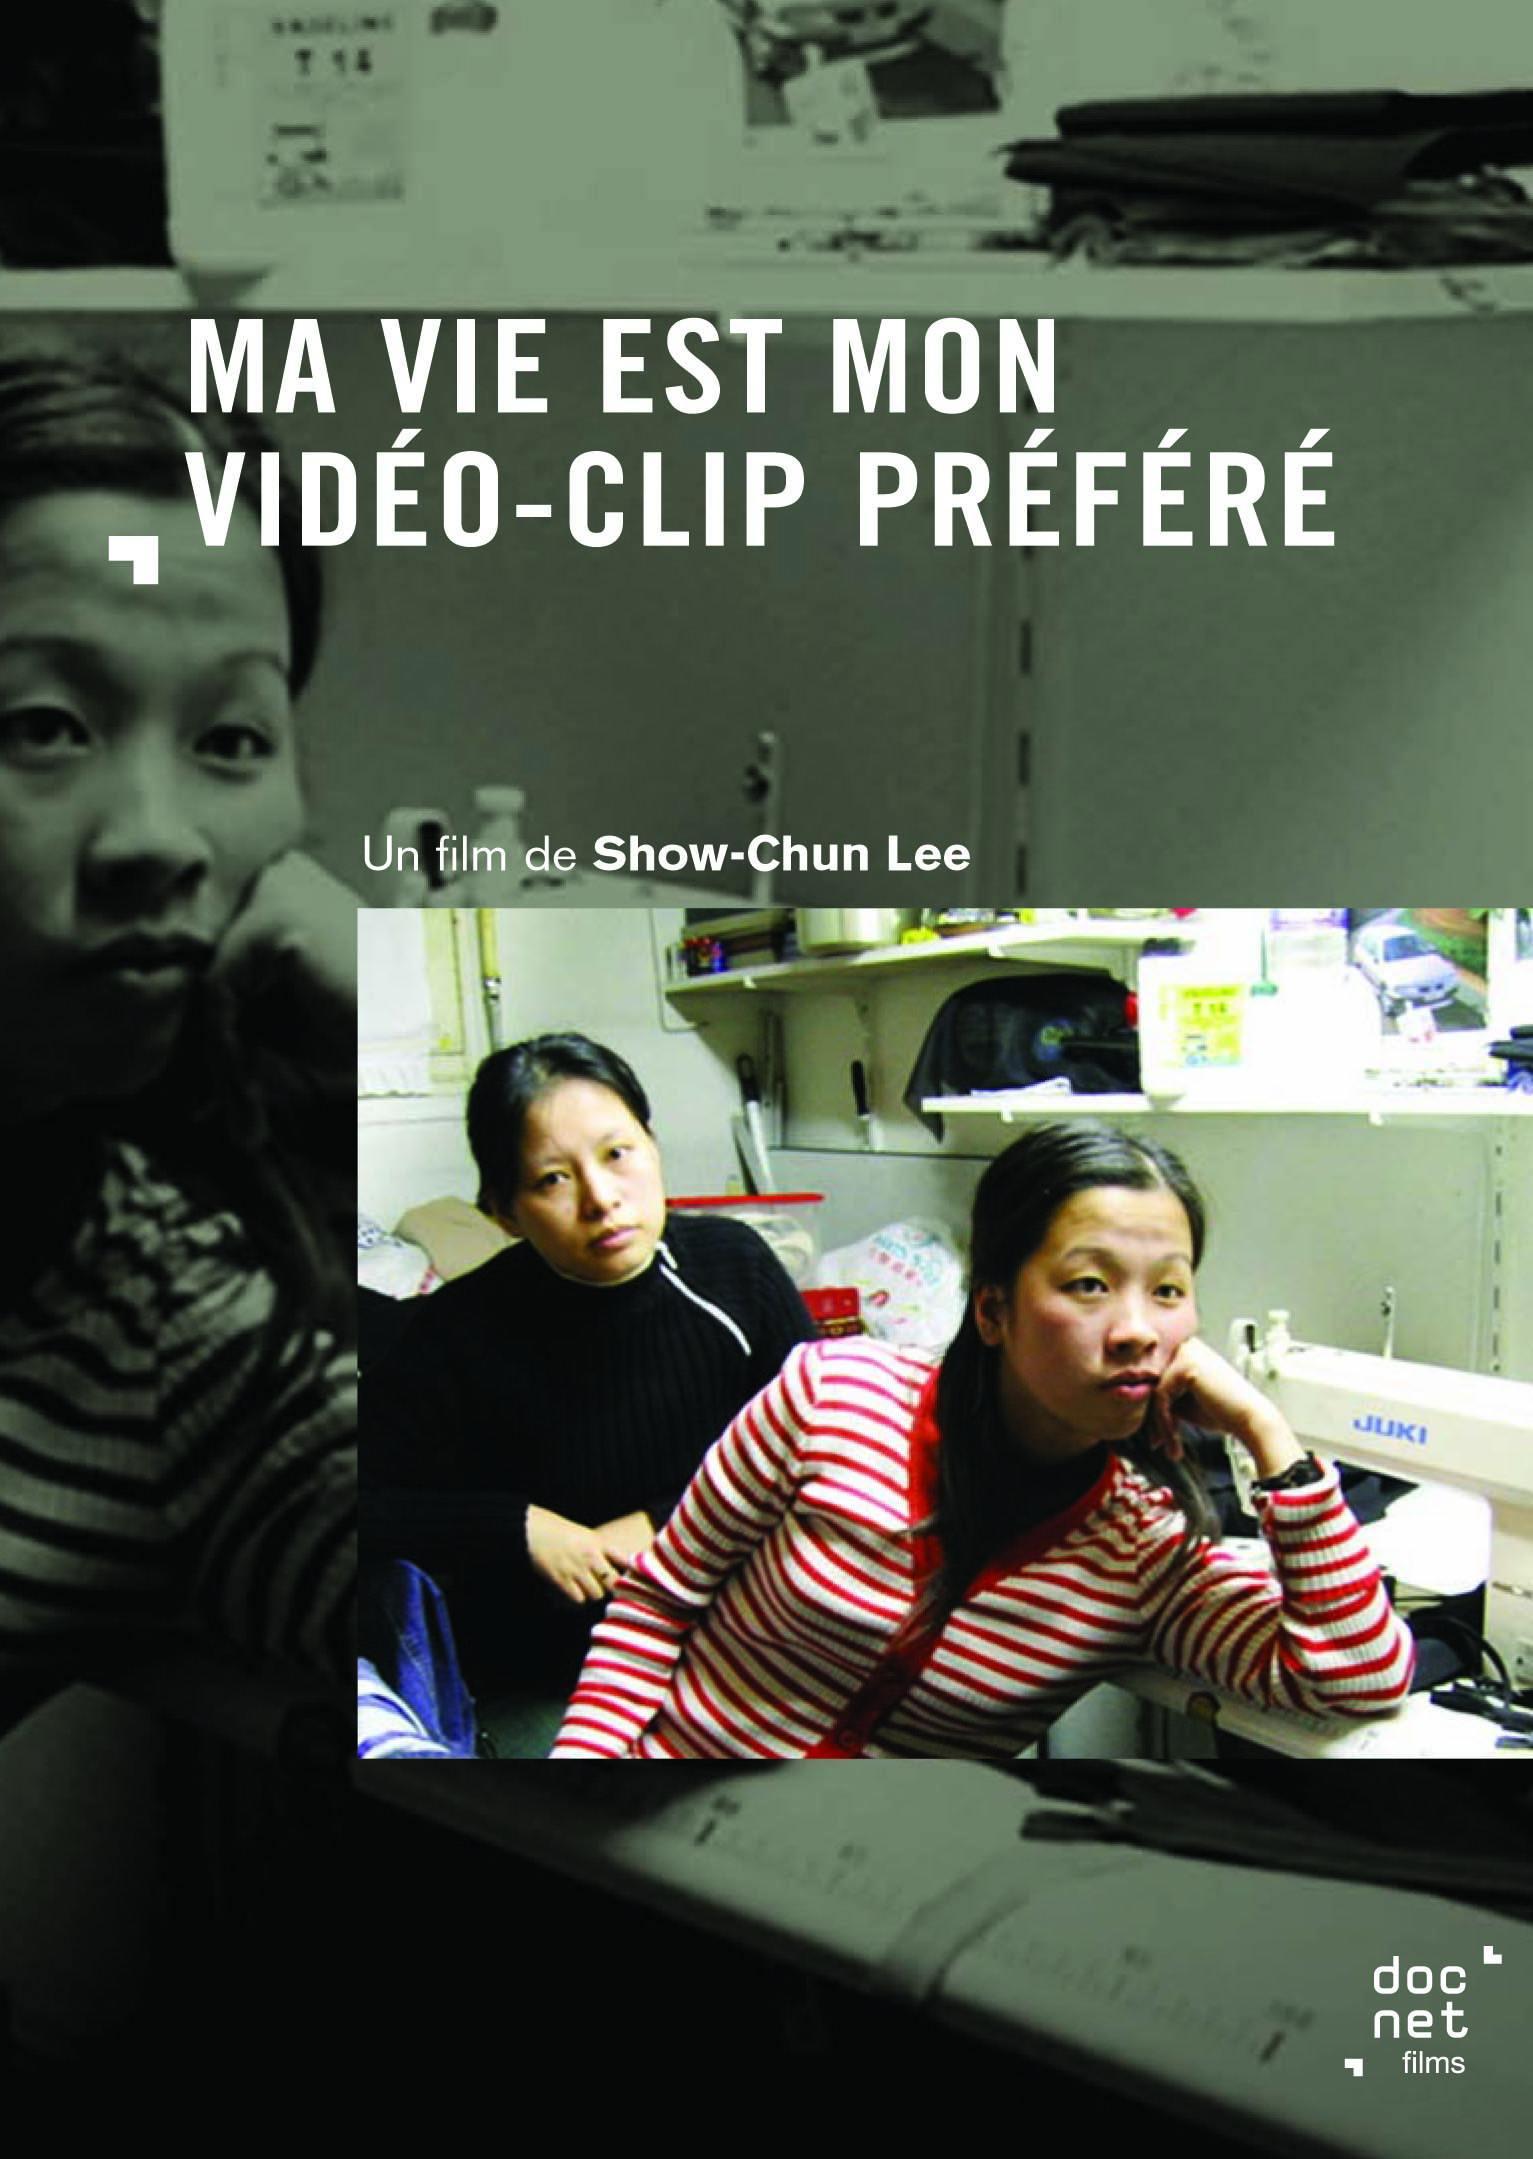 Ma vie est mon video-clip prefere - dvd